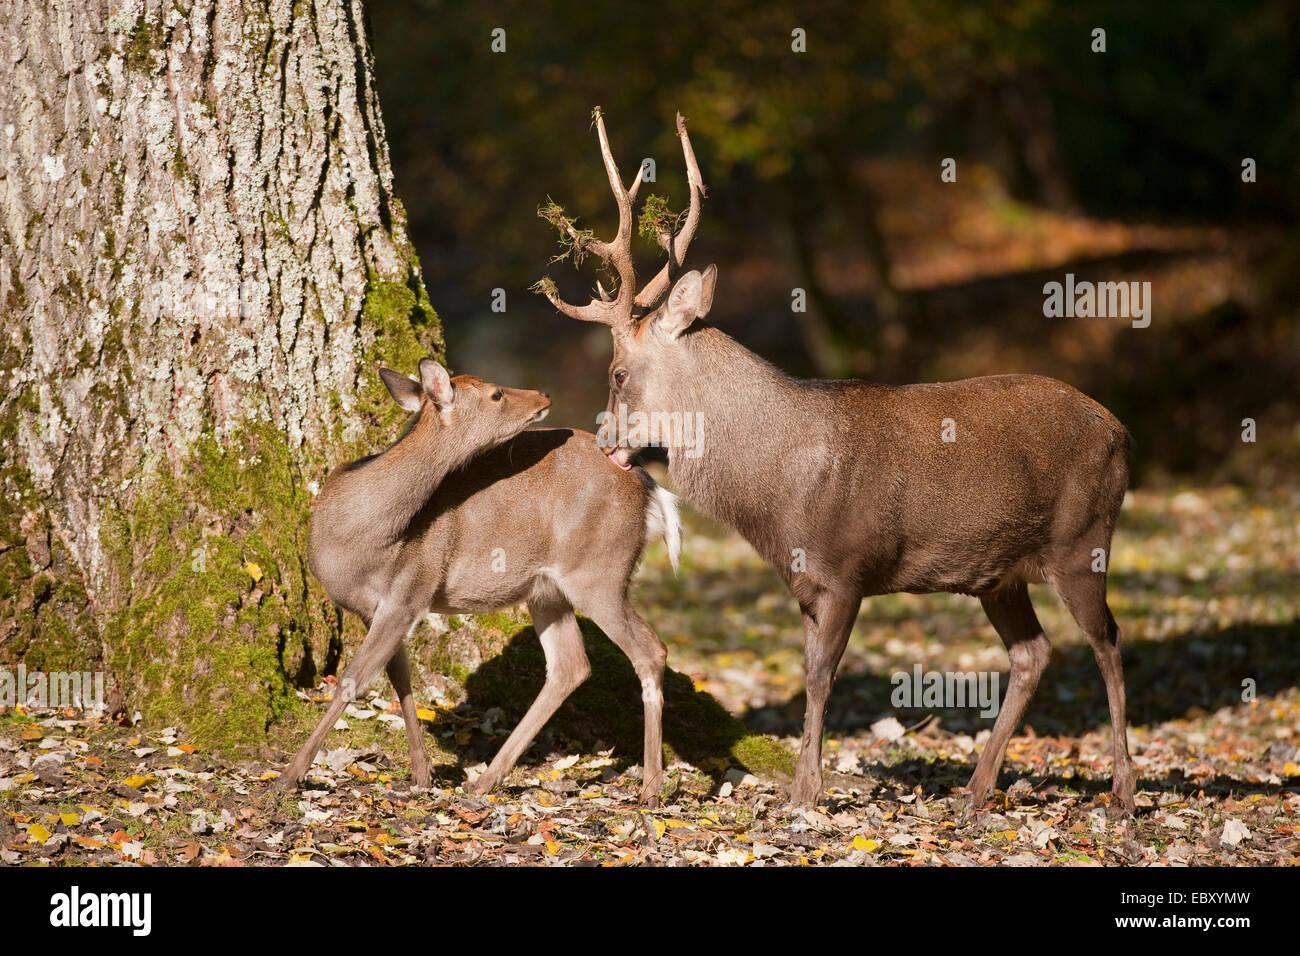 Ciervo Sika (Cervus nippon), el ciervo y un hind durante la rutina, cautiva, Baviera, Alemania Foto de stock